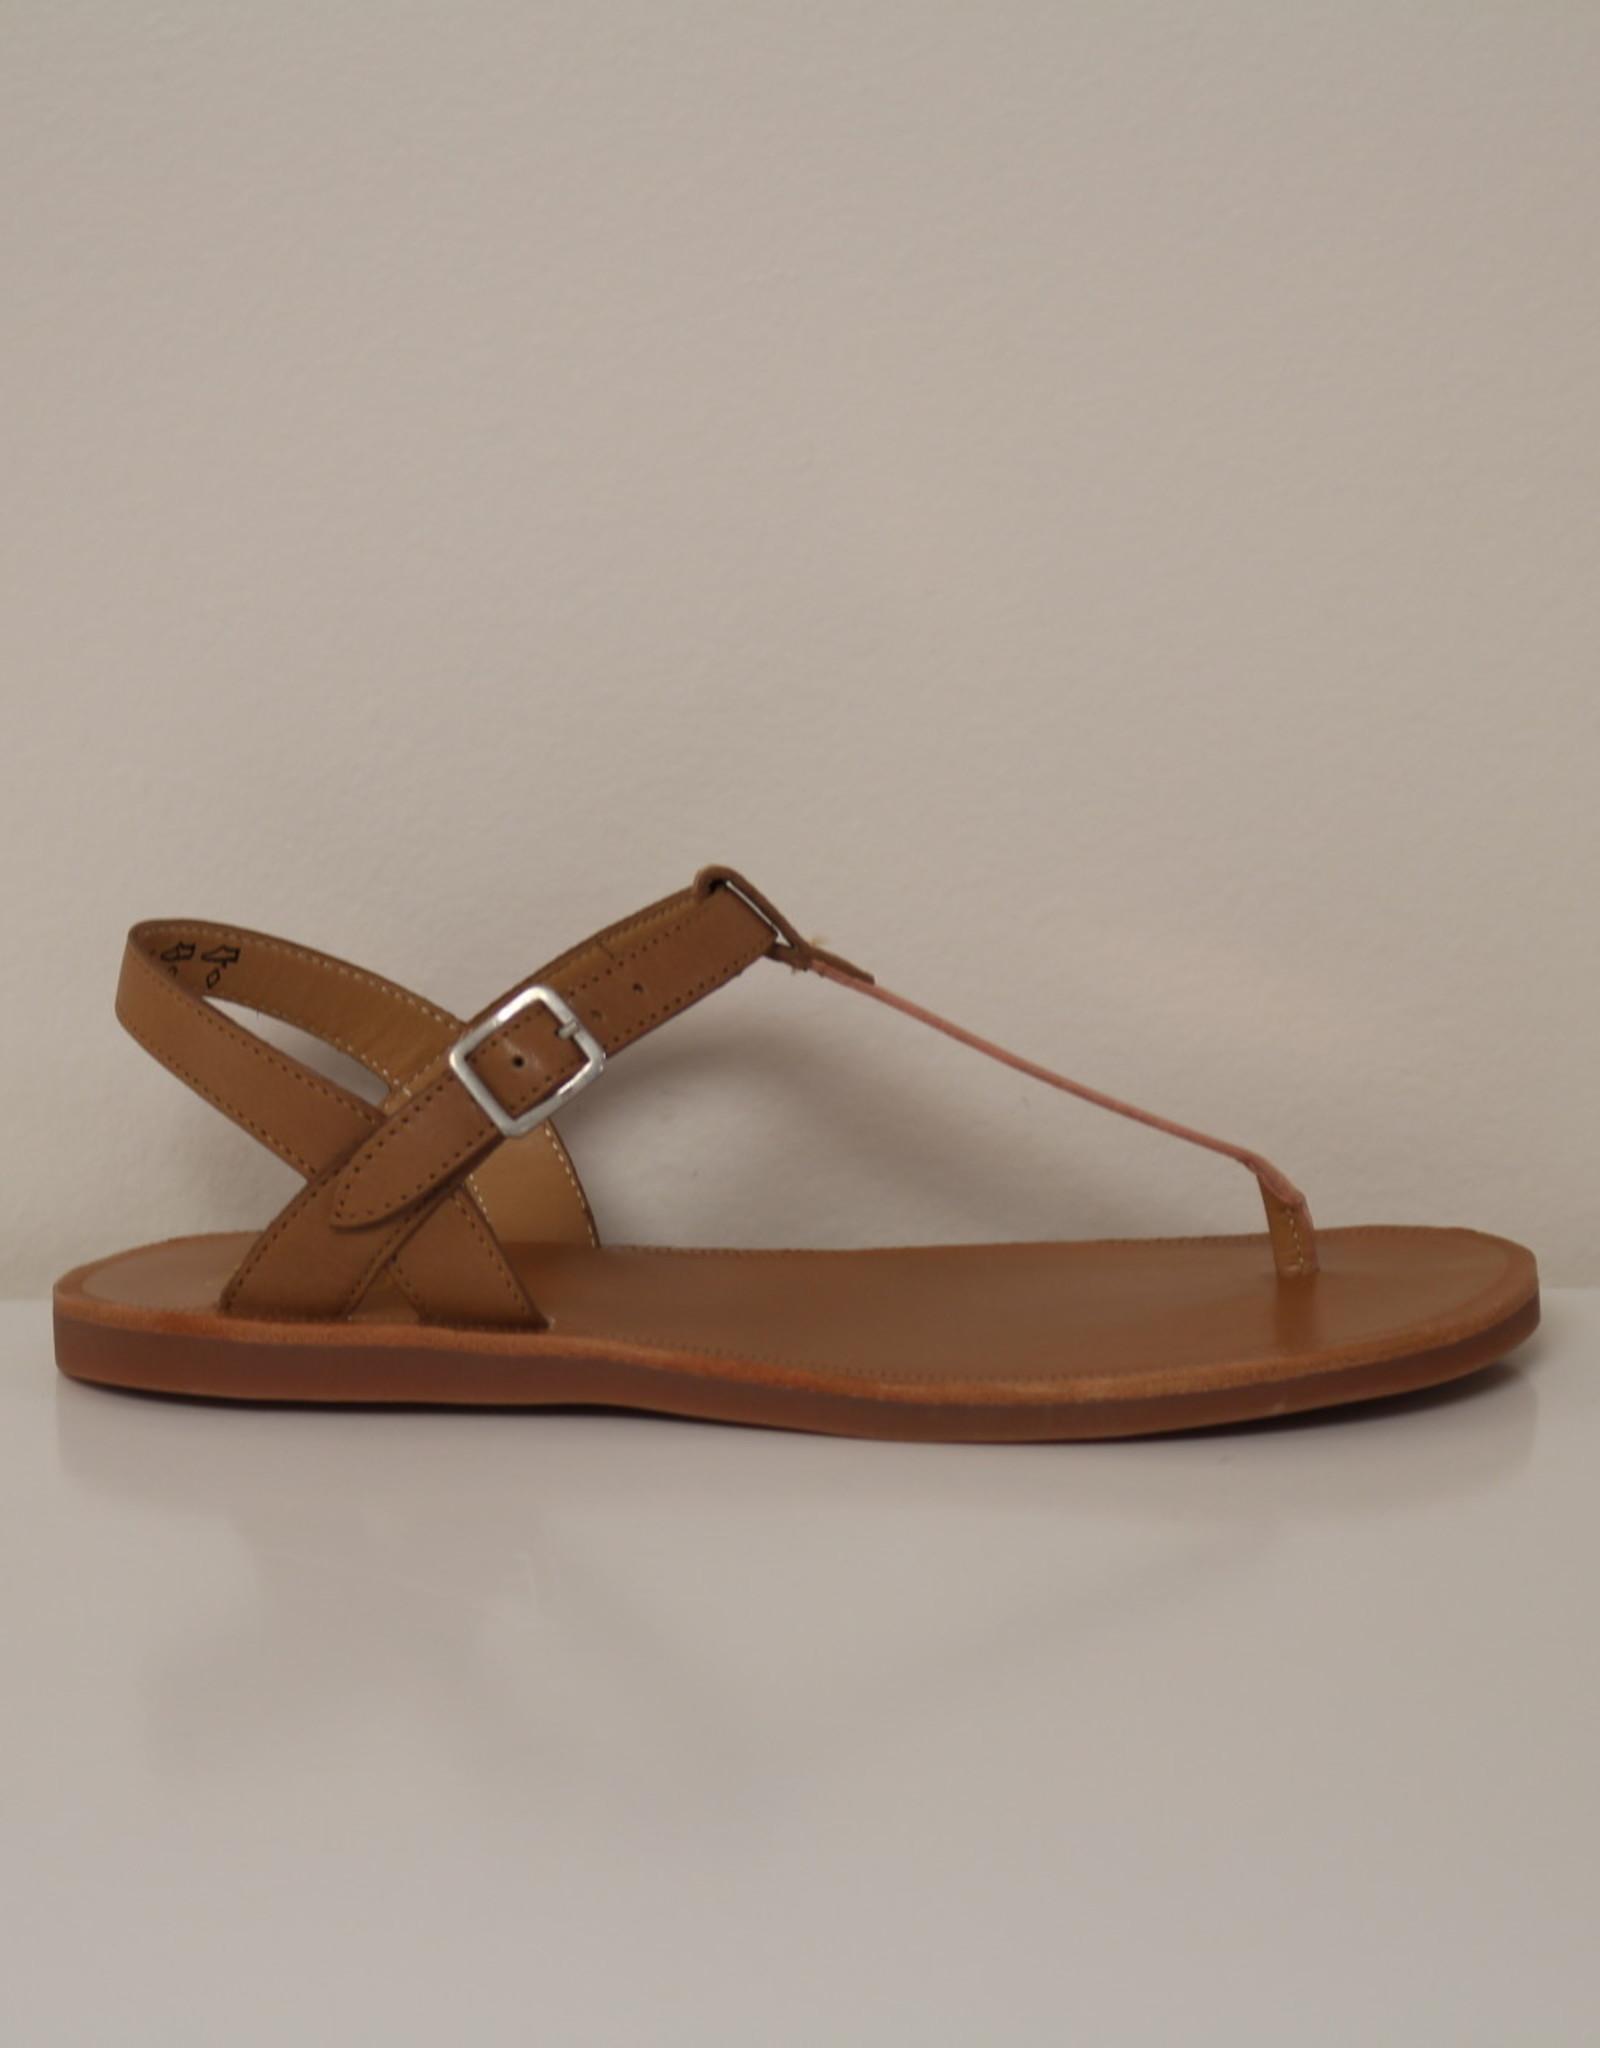 Pom d'api Plagette Tong sandaal camel/cuivre